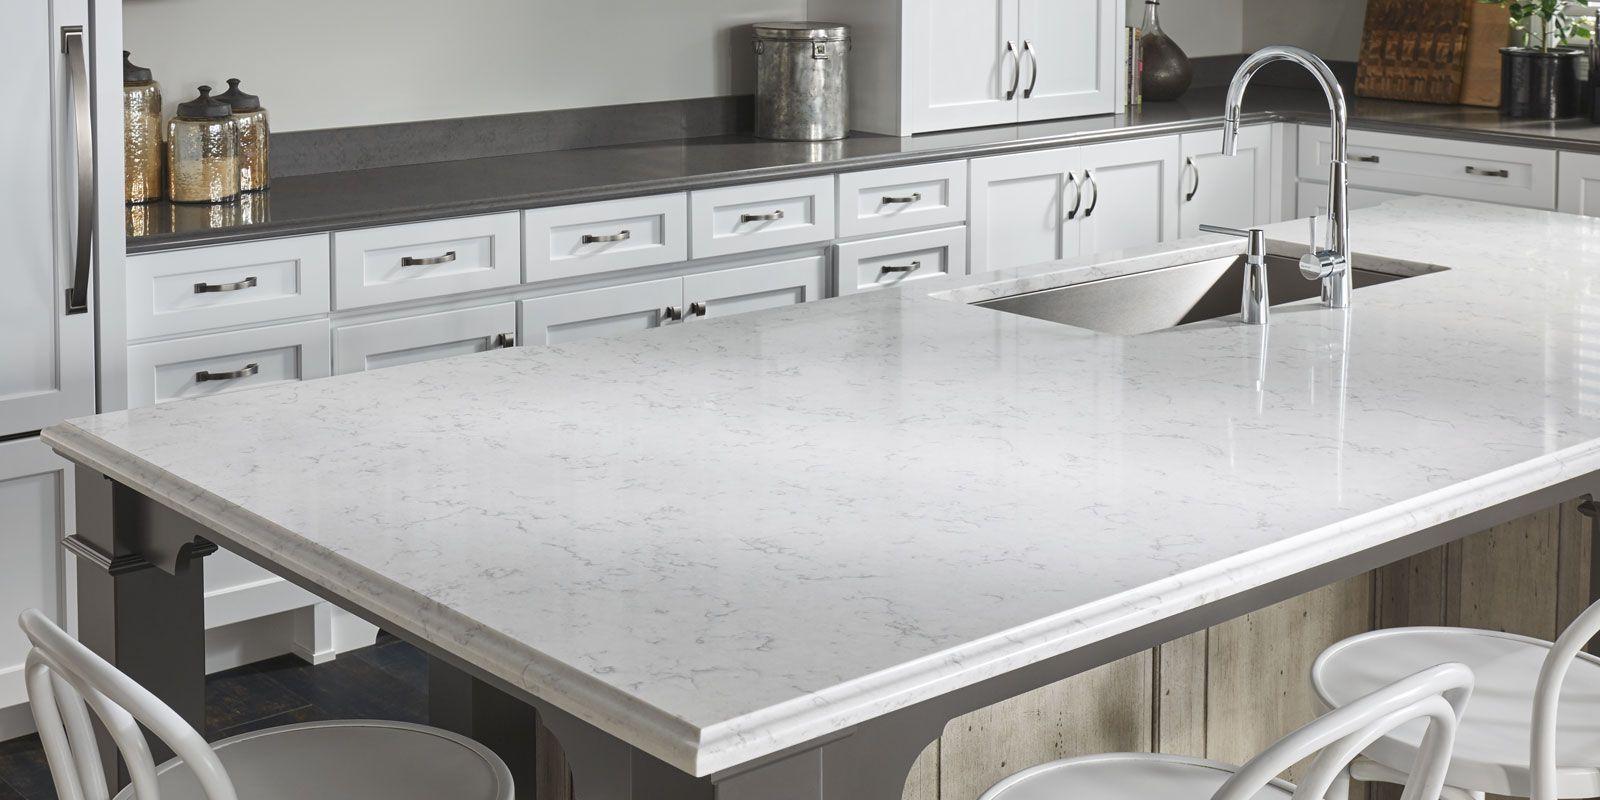 Minuet Avrio In 2020 Quartz Kitchen Countertops Quartz